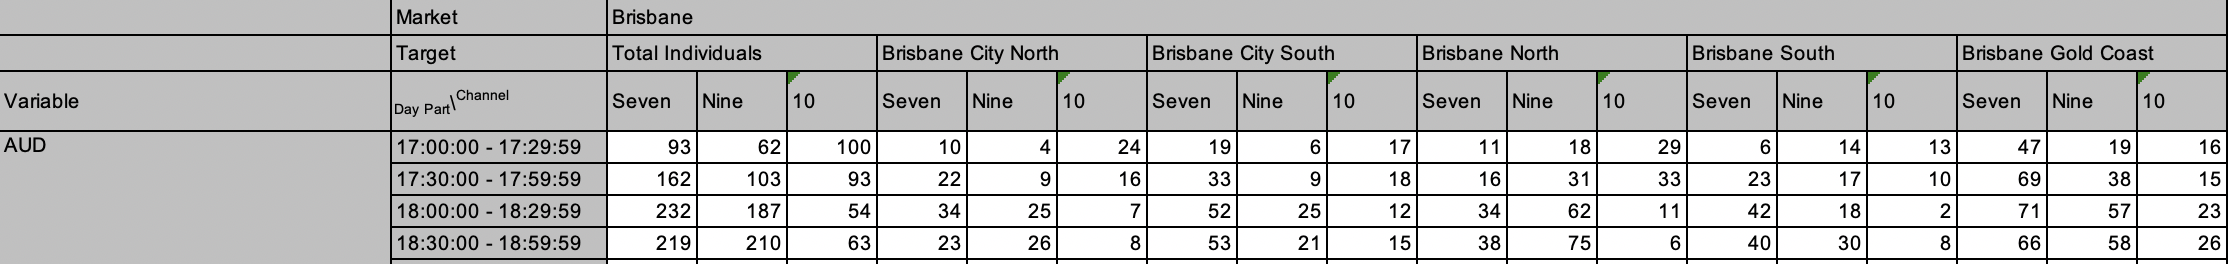 Brisbane ratings chart